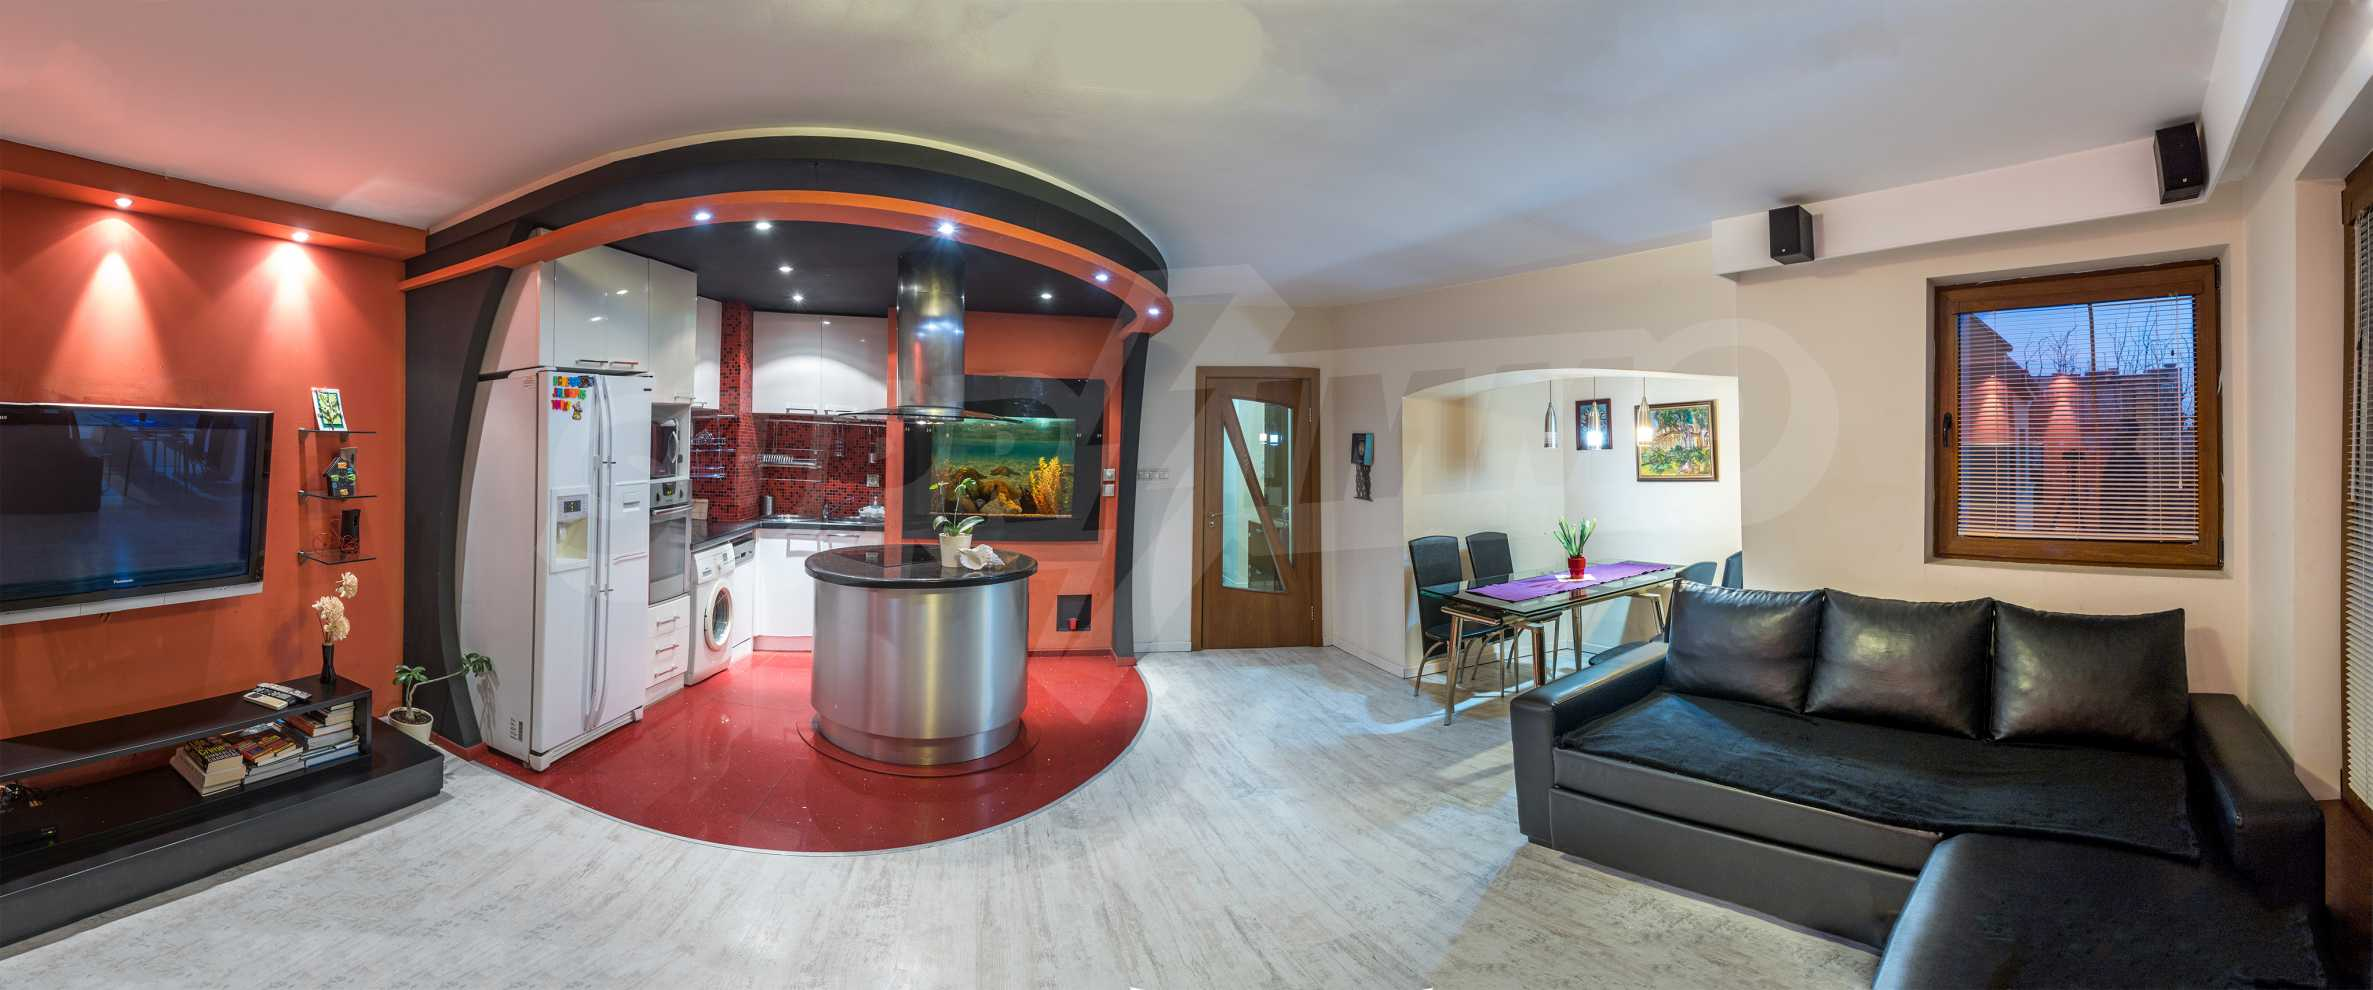 Апартамент Аква  3